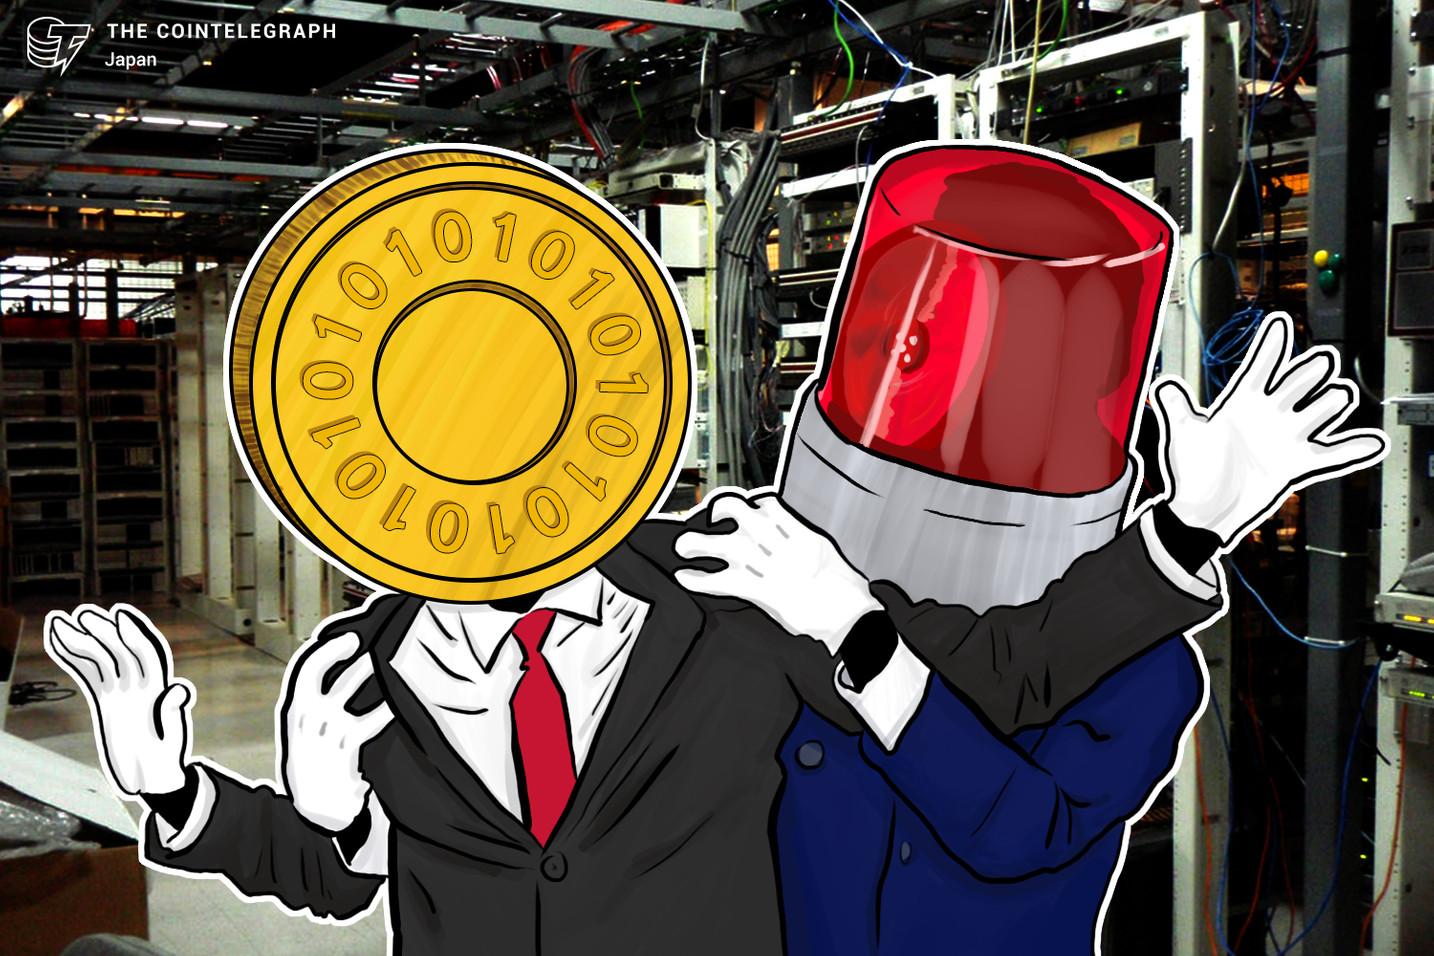 仮想通貨交換業者に新たな行政処分、10社目